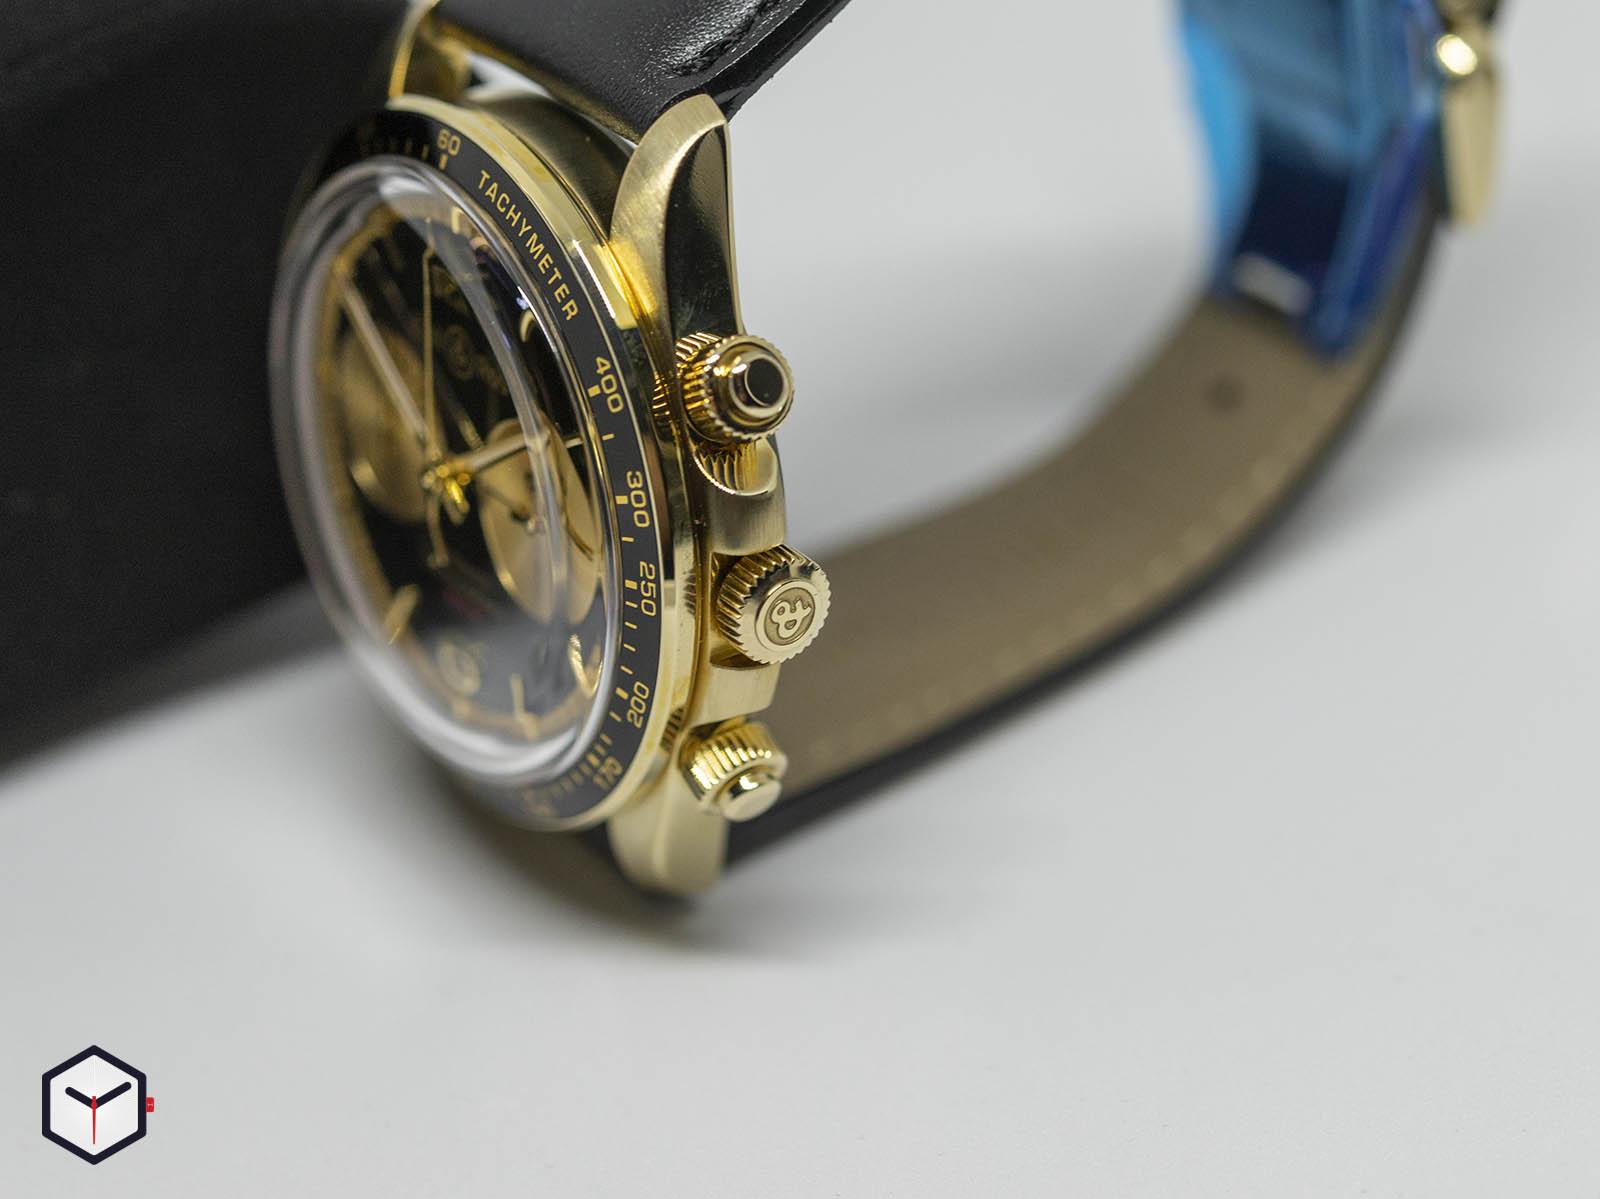 bell-ross-br-v2-94-bellytanker-chronograph-bronze-baselworld-5.jpg